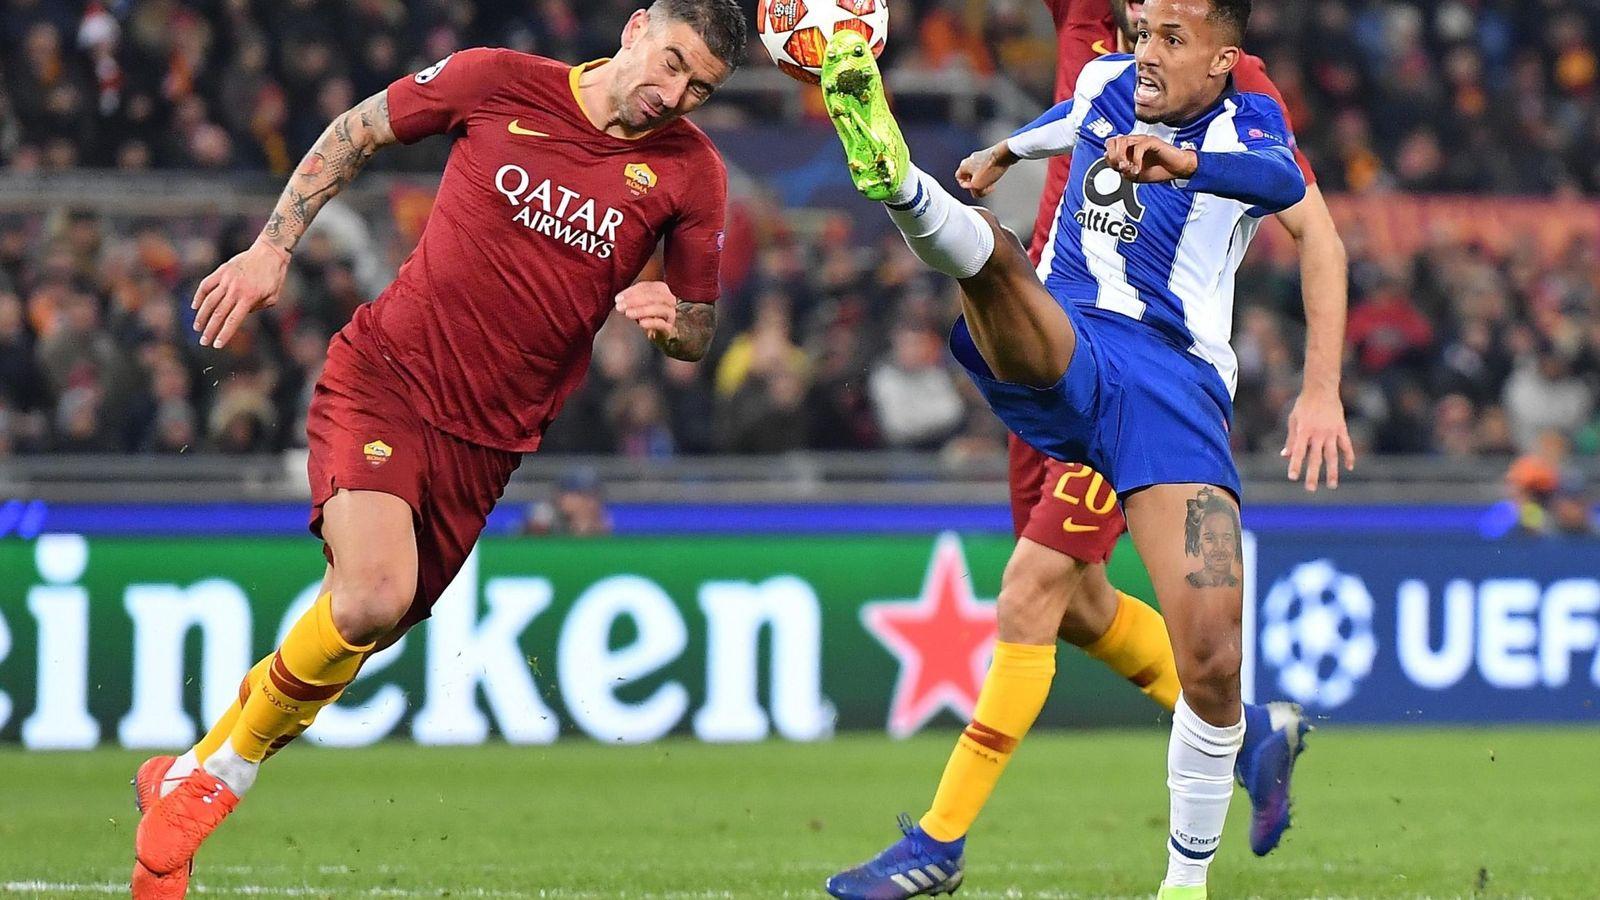 Foto: Eder Militao en la disputa de un balón durante el partido entre la Roma y el Oporto. (Efe)